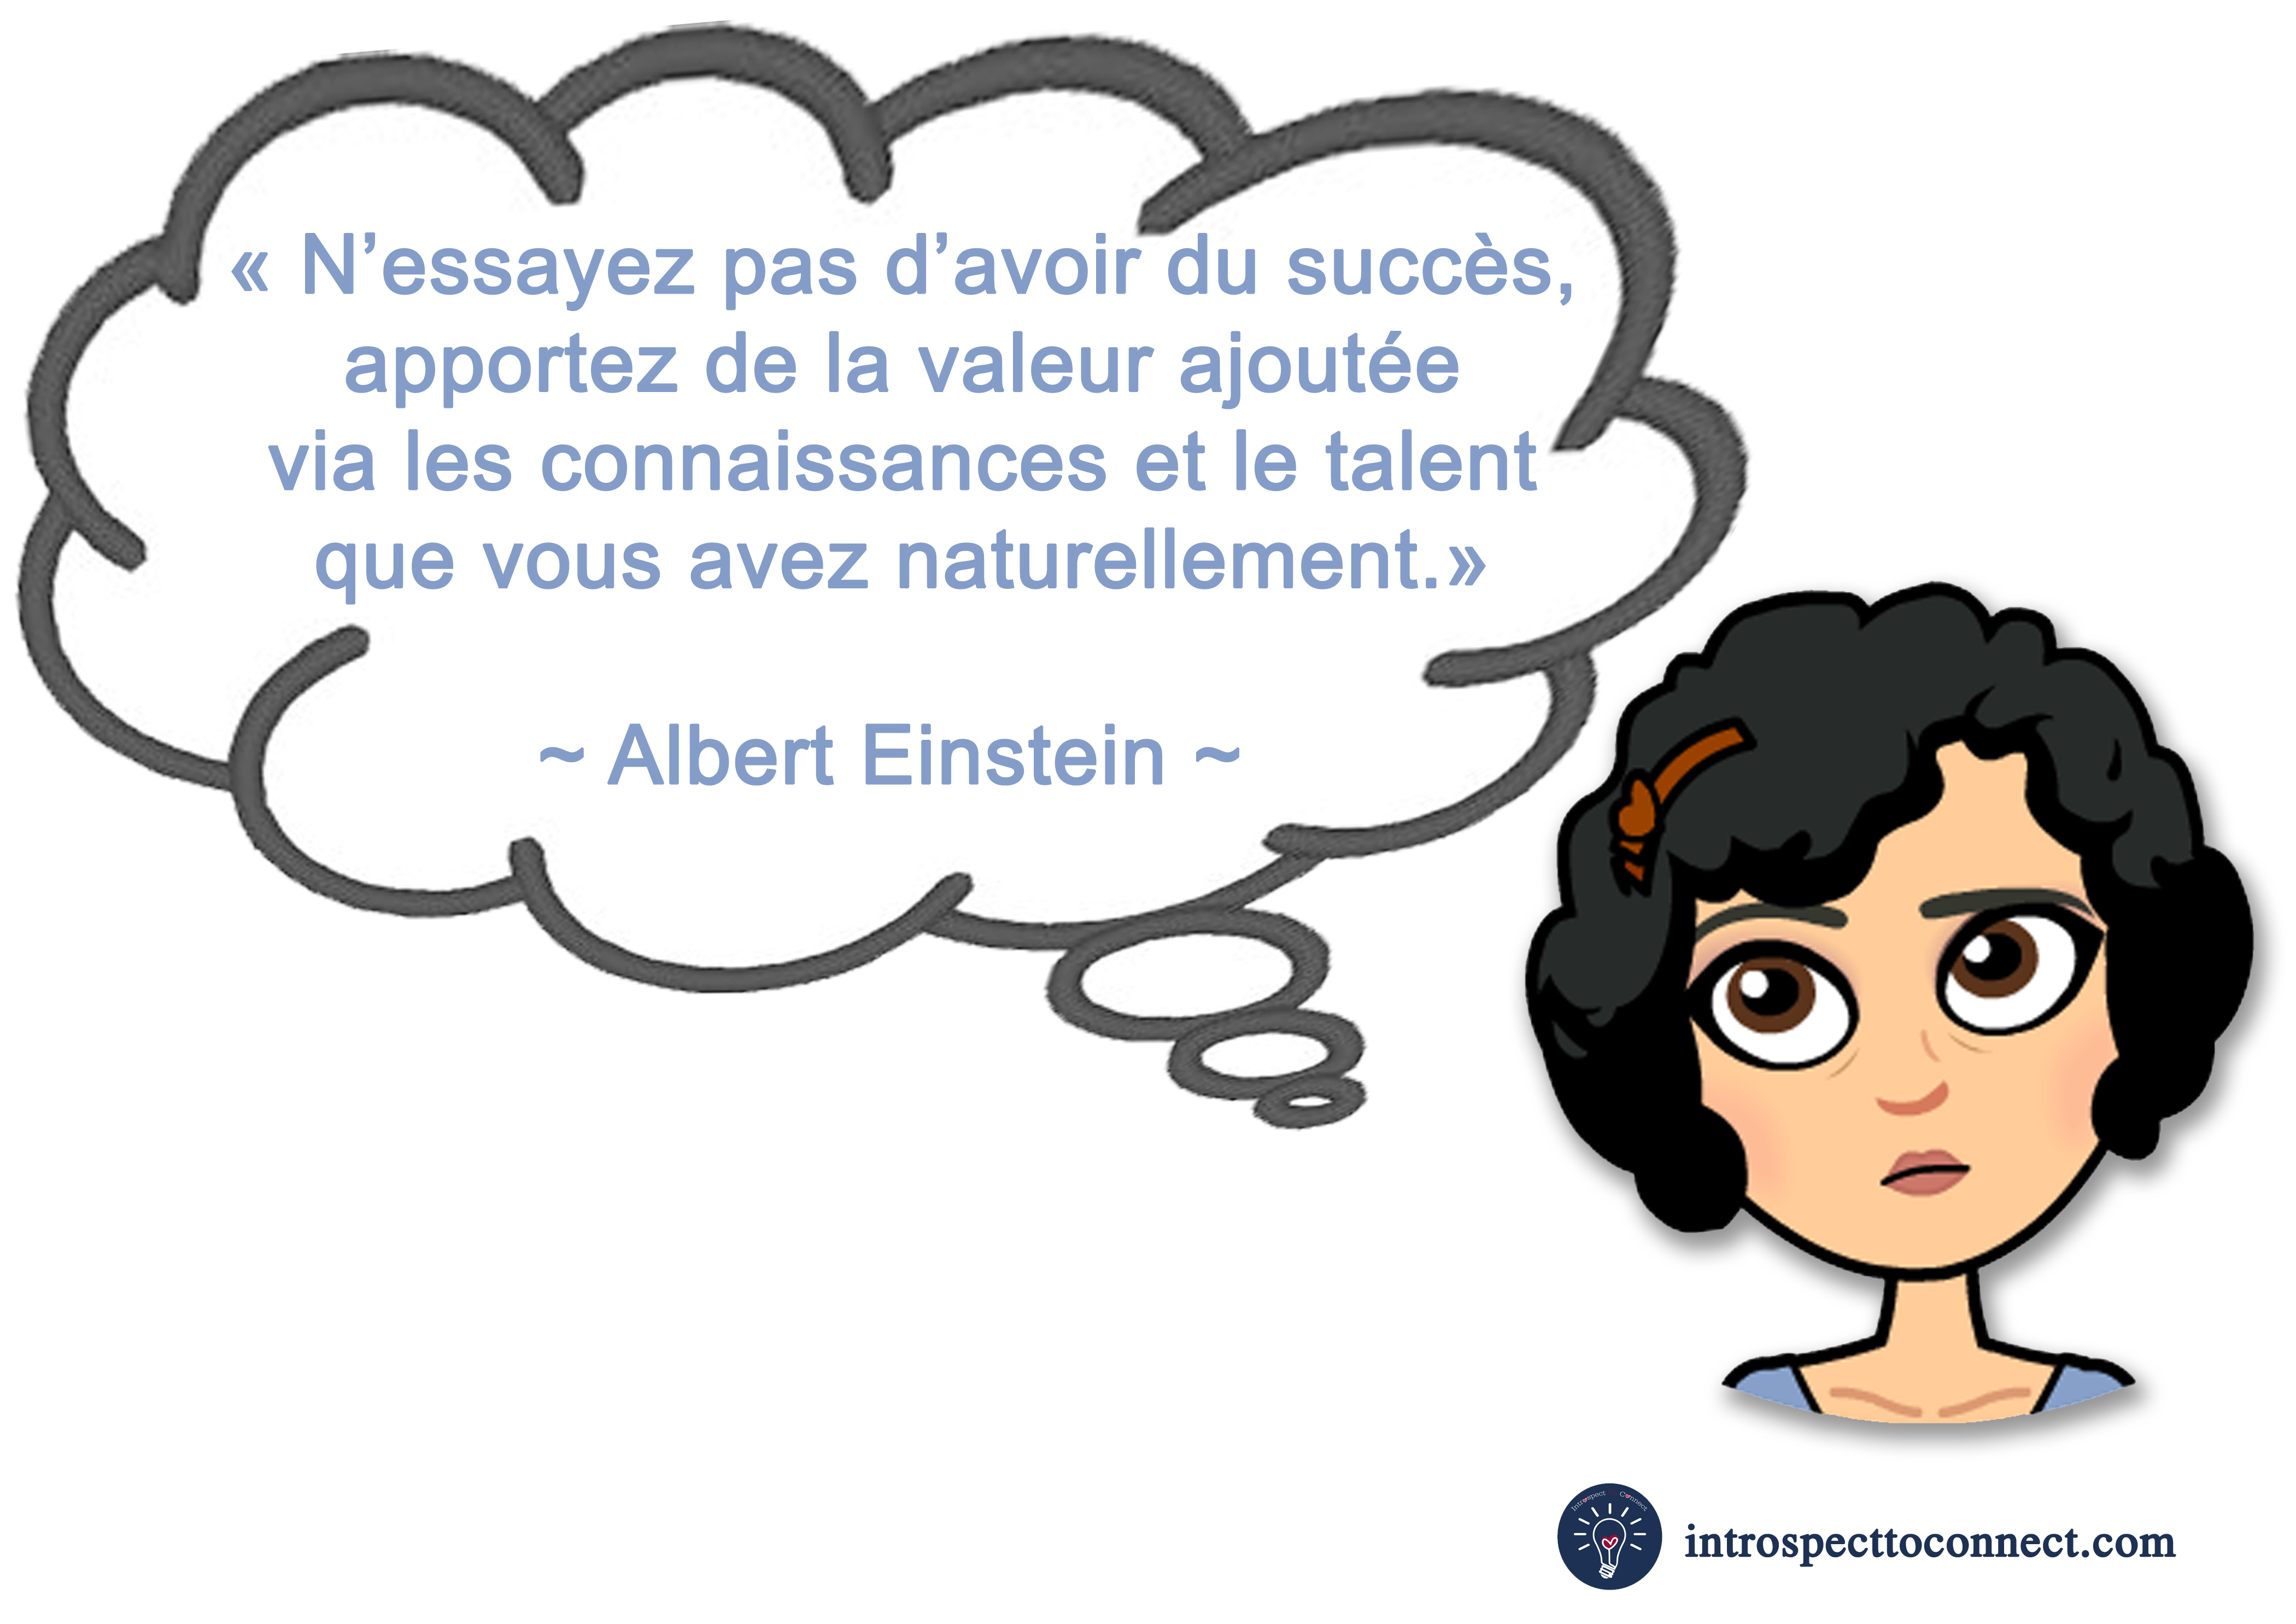 Einstein citation copie.jpg